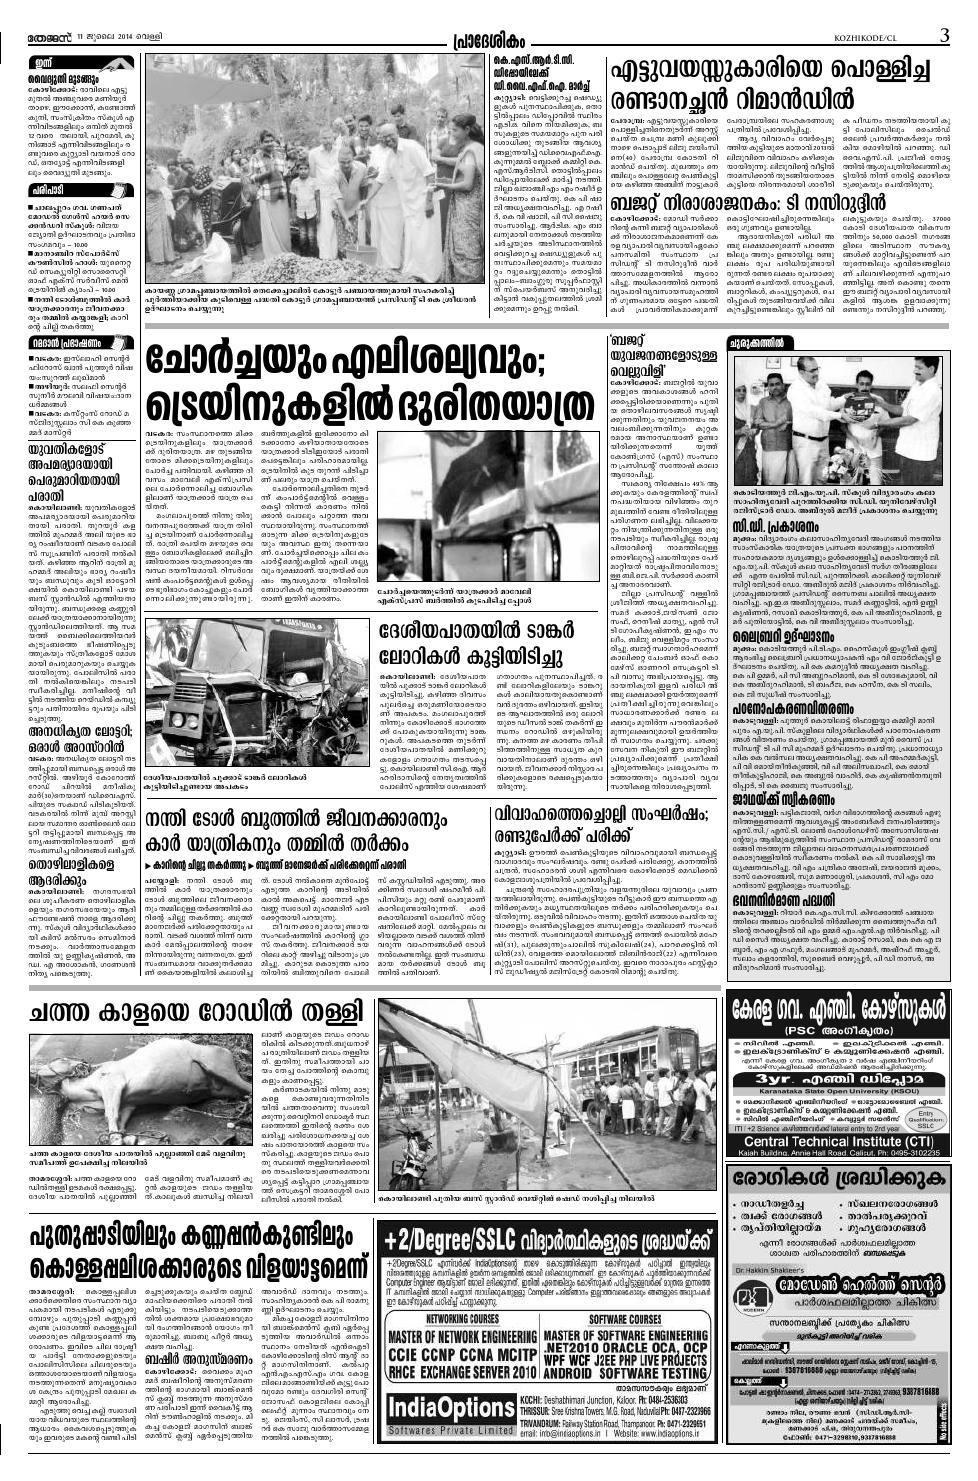 Thejas Epaper kozhikode Edition 2014-07-11 by ThejasNews - issuu